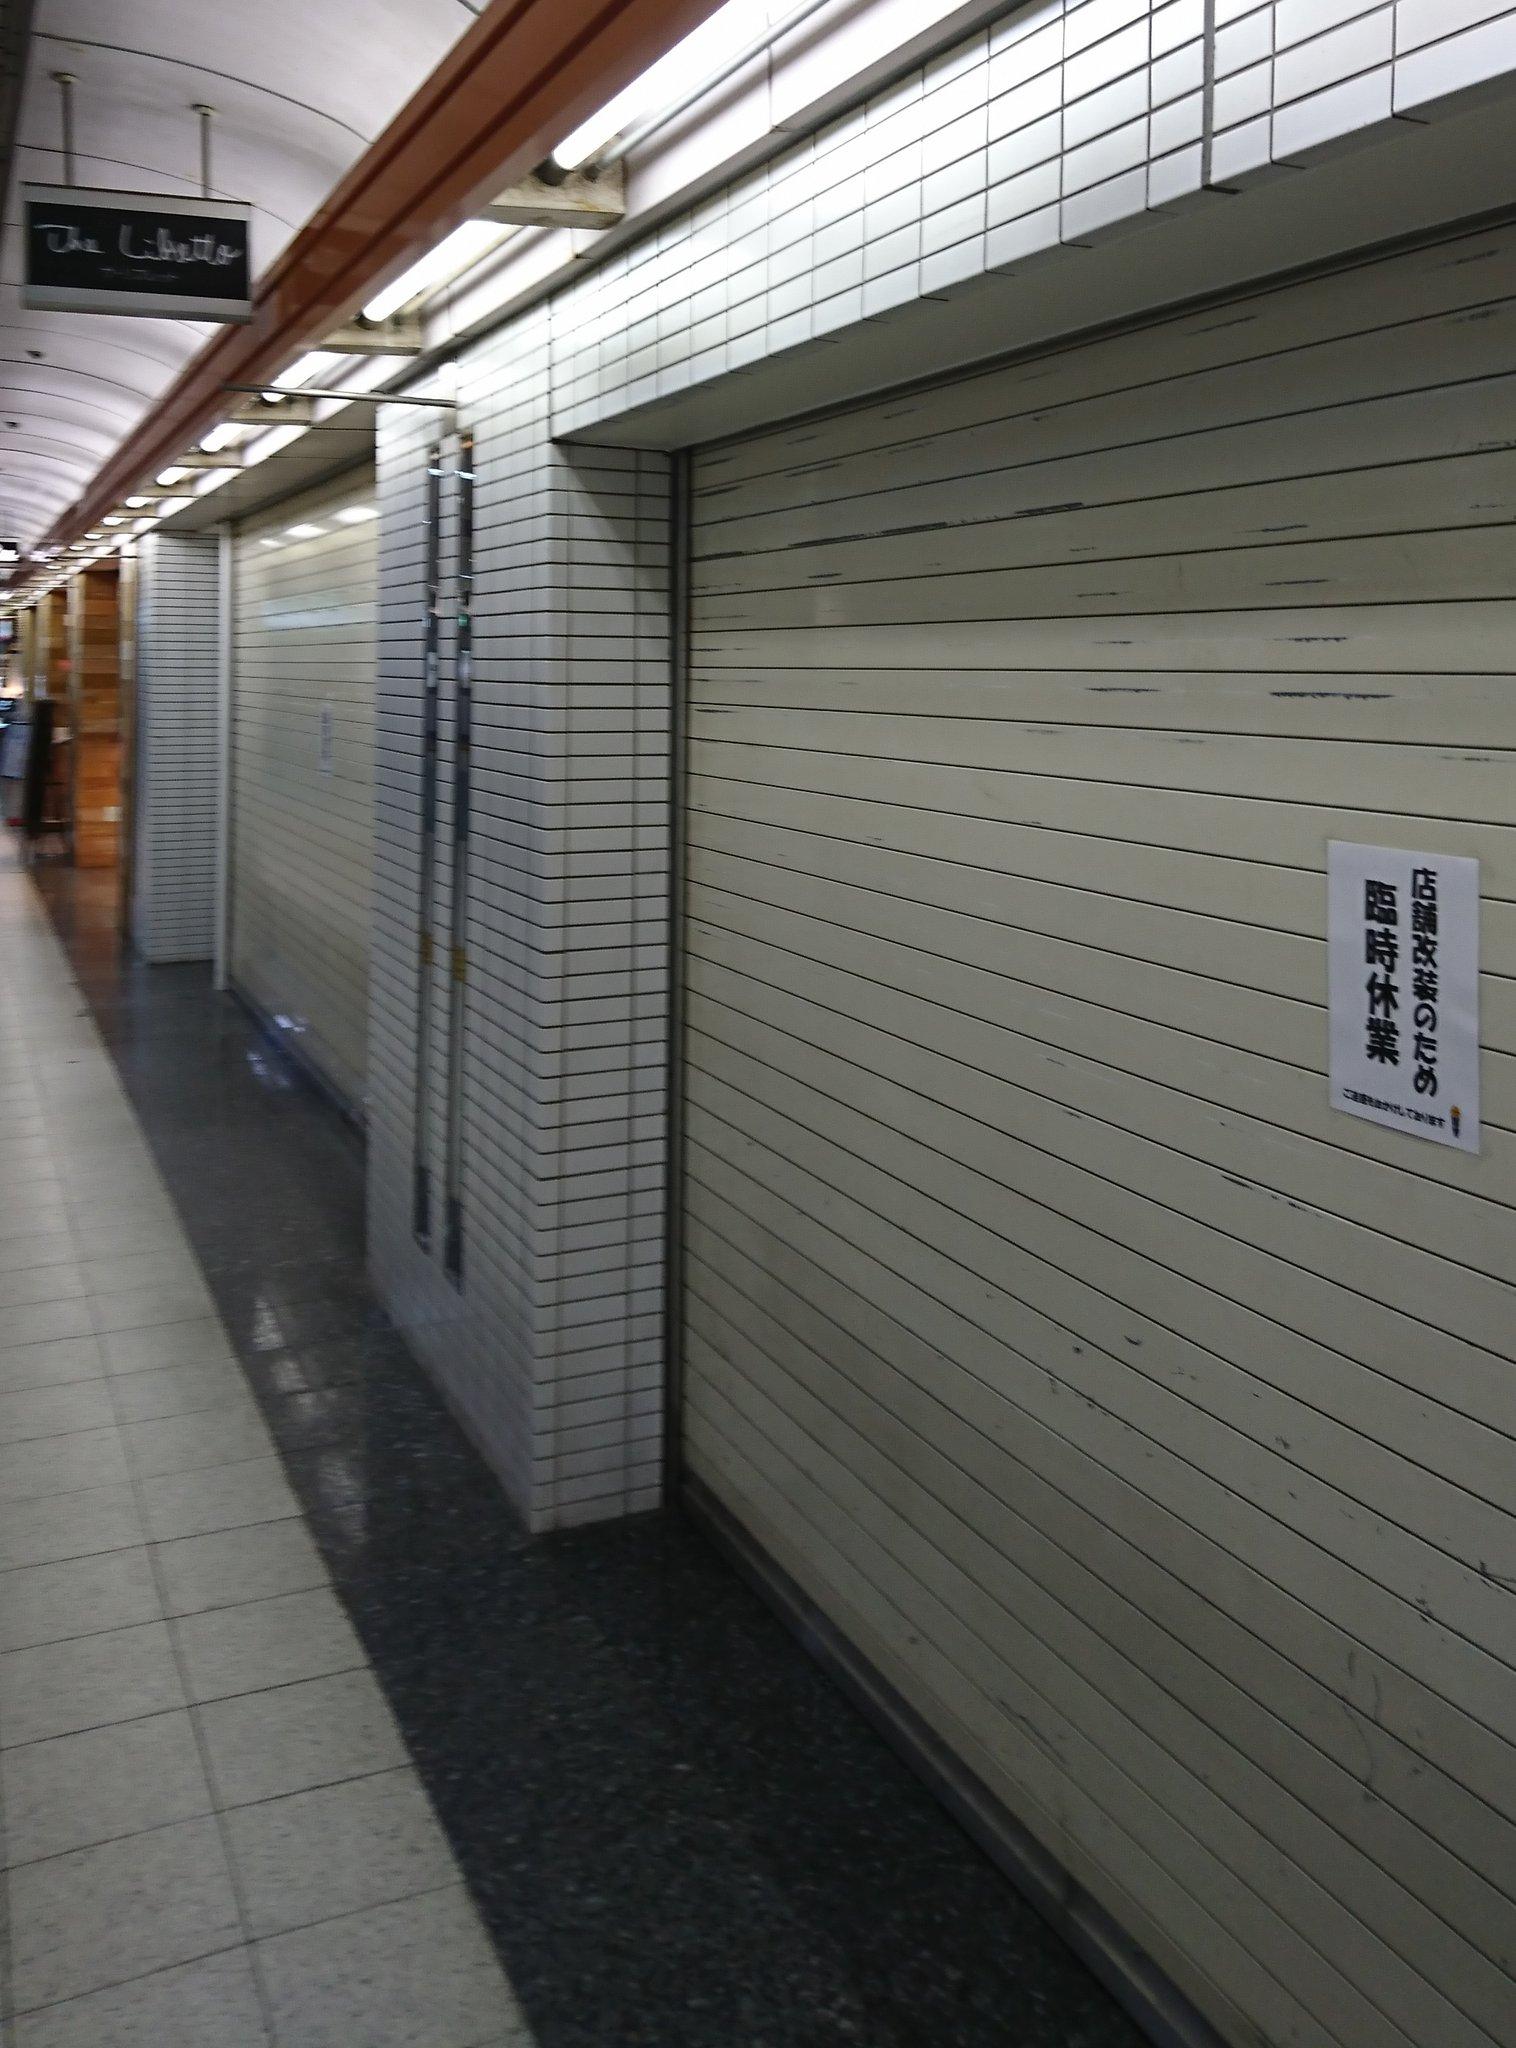 画像,The libretto(ザ・リブレット)店舗の扱い。名鉄系列(名鉄産業)が店舗貸主の金山は破産管財人の告示が貼られていたが、JR東海系列(名古屋ステーション開…